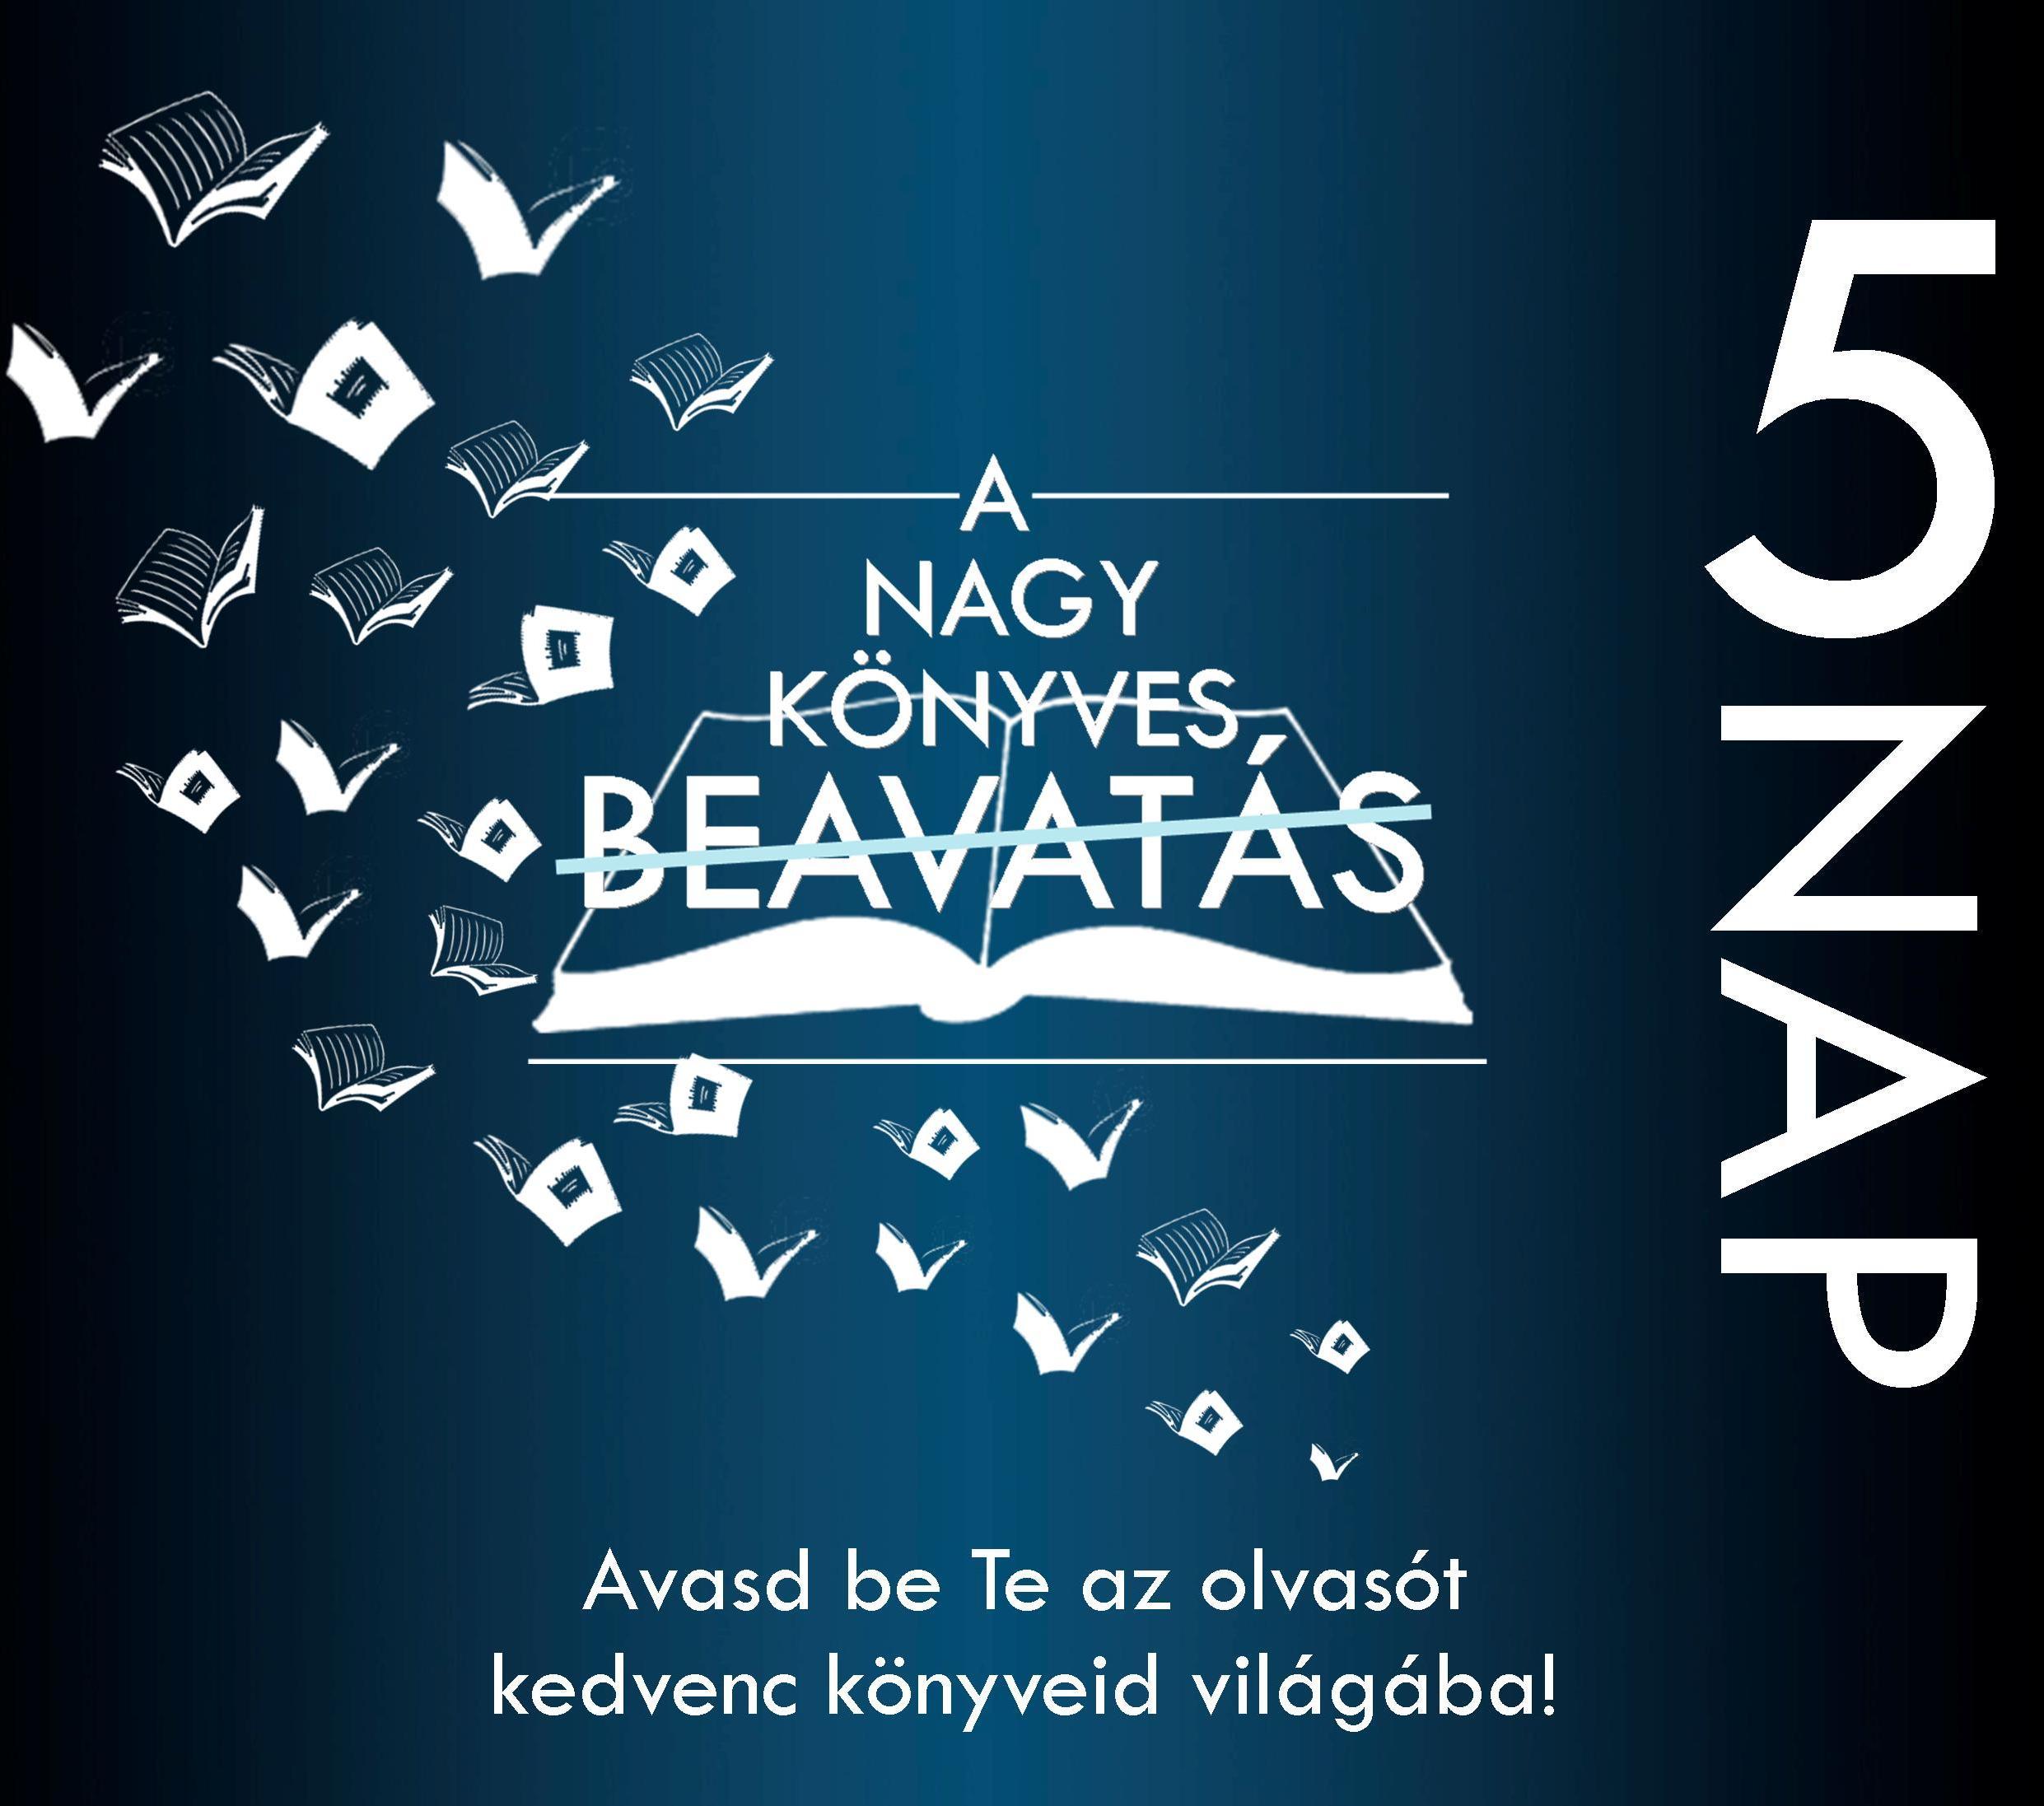 beavatas_5.jpg